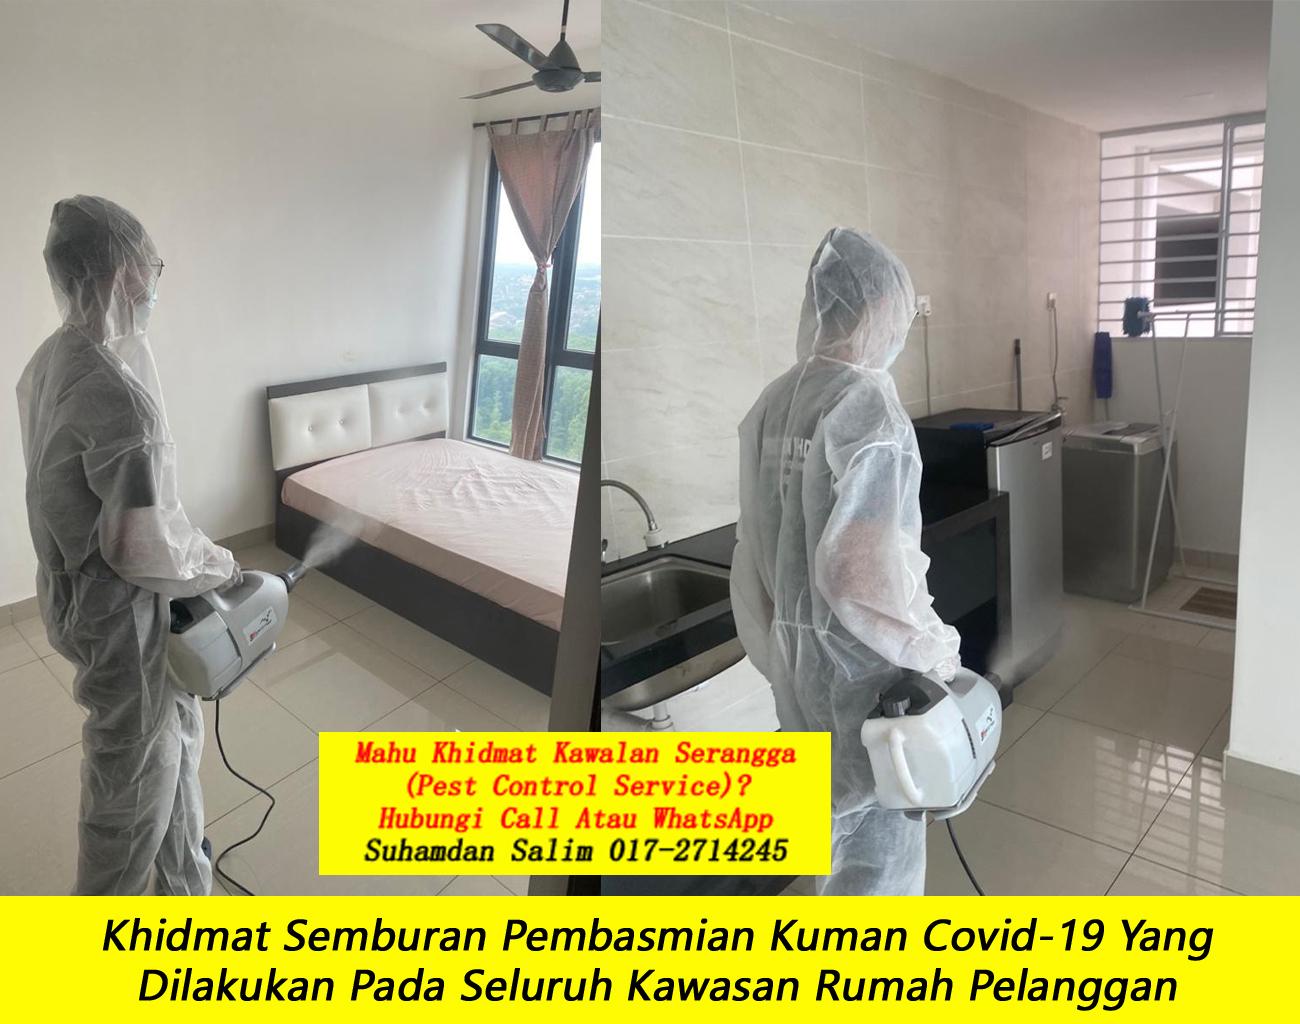 khidmat sanitizing membasmi kuman Covid-19 Disinfection Service semburan membasmi kuman covid 19 paling berkesan dengan harga berpatutan the best service covid-19 alor gajah melaka felda